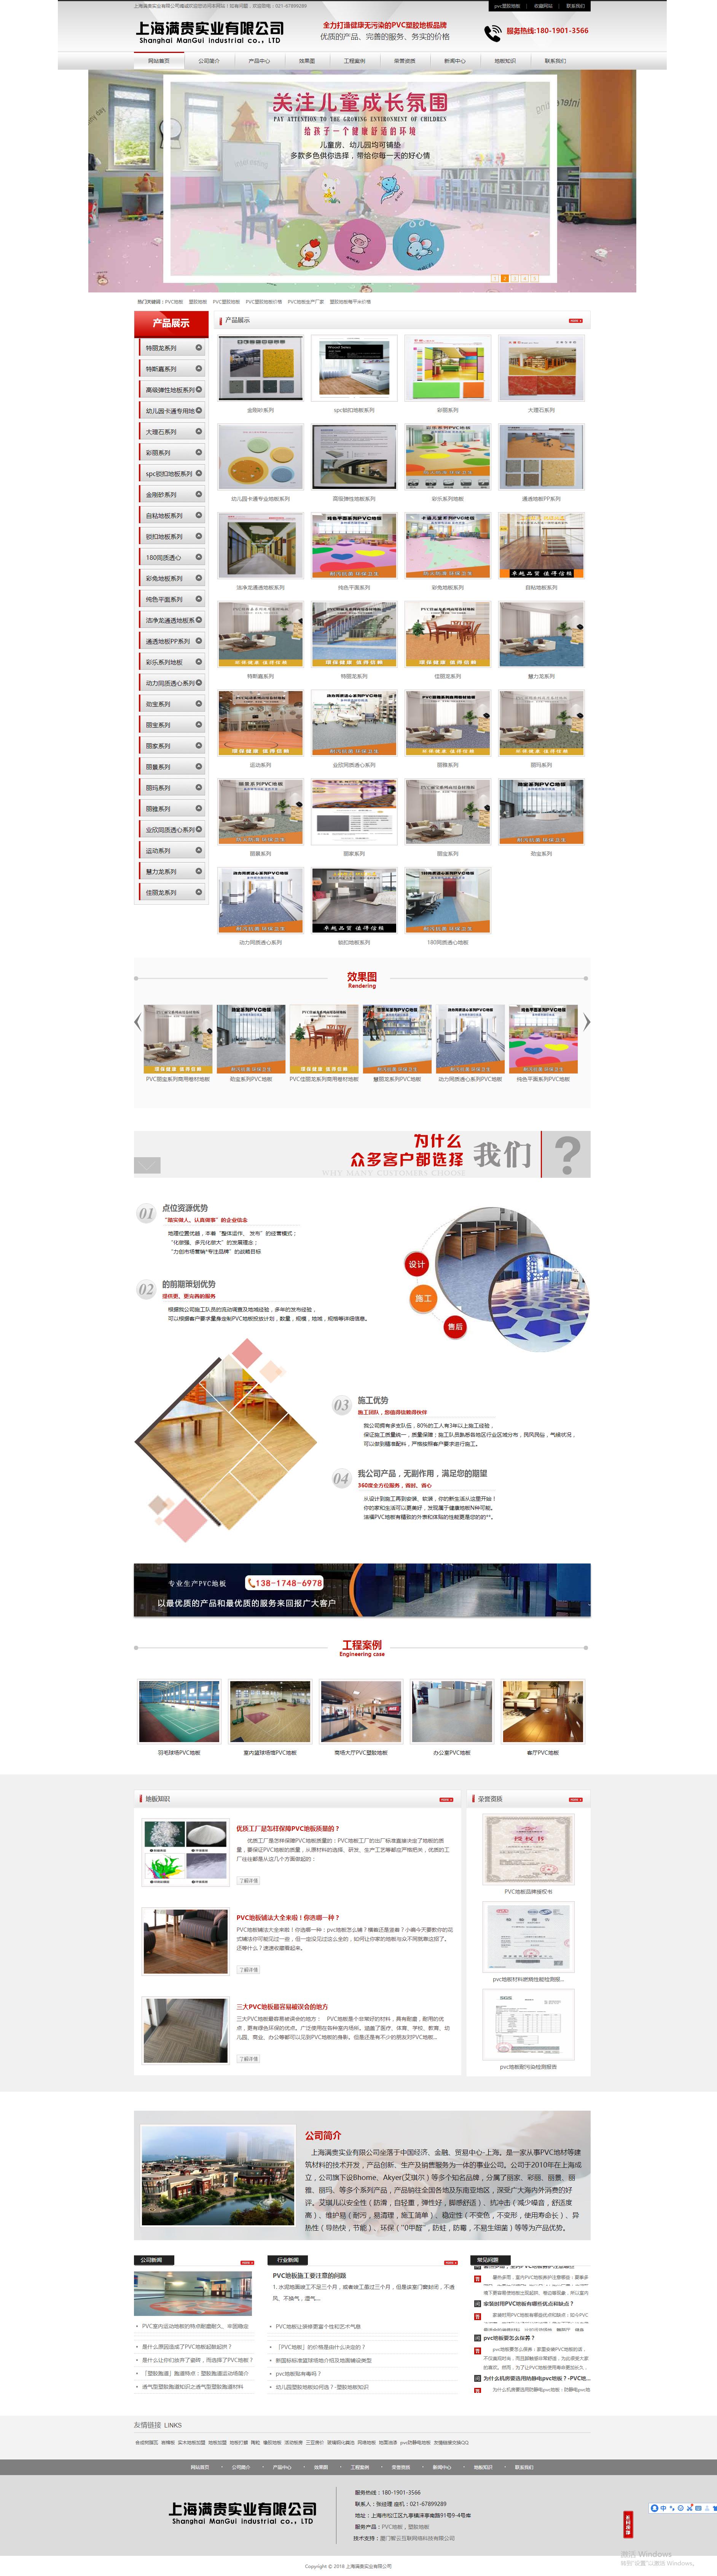 上海满贵实业有限公司SEO成功案例